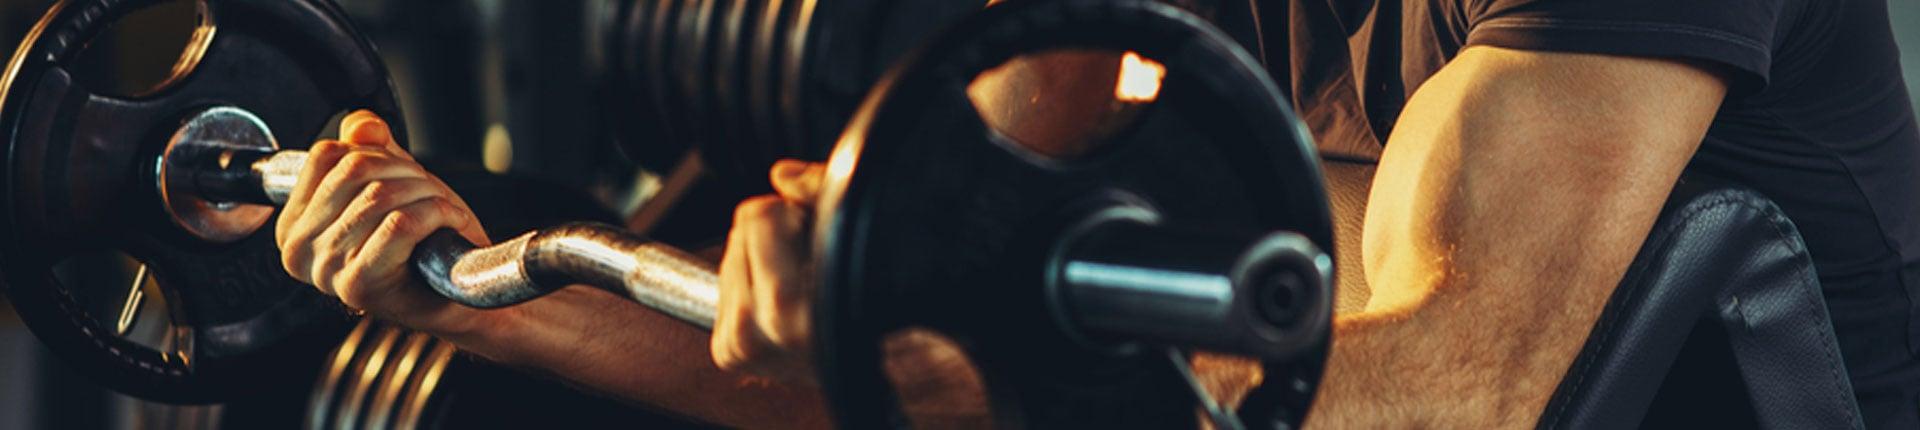 Czy małe partie mięśniowe faktycznie regenerują się wolniej?